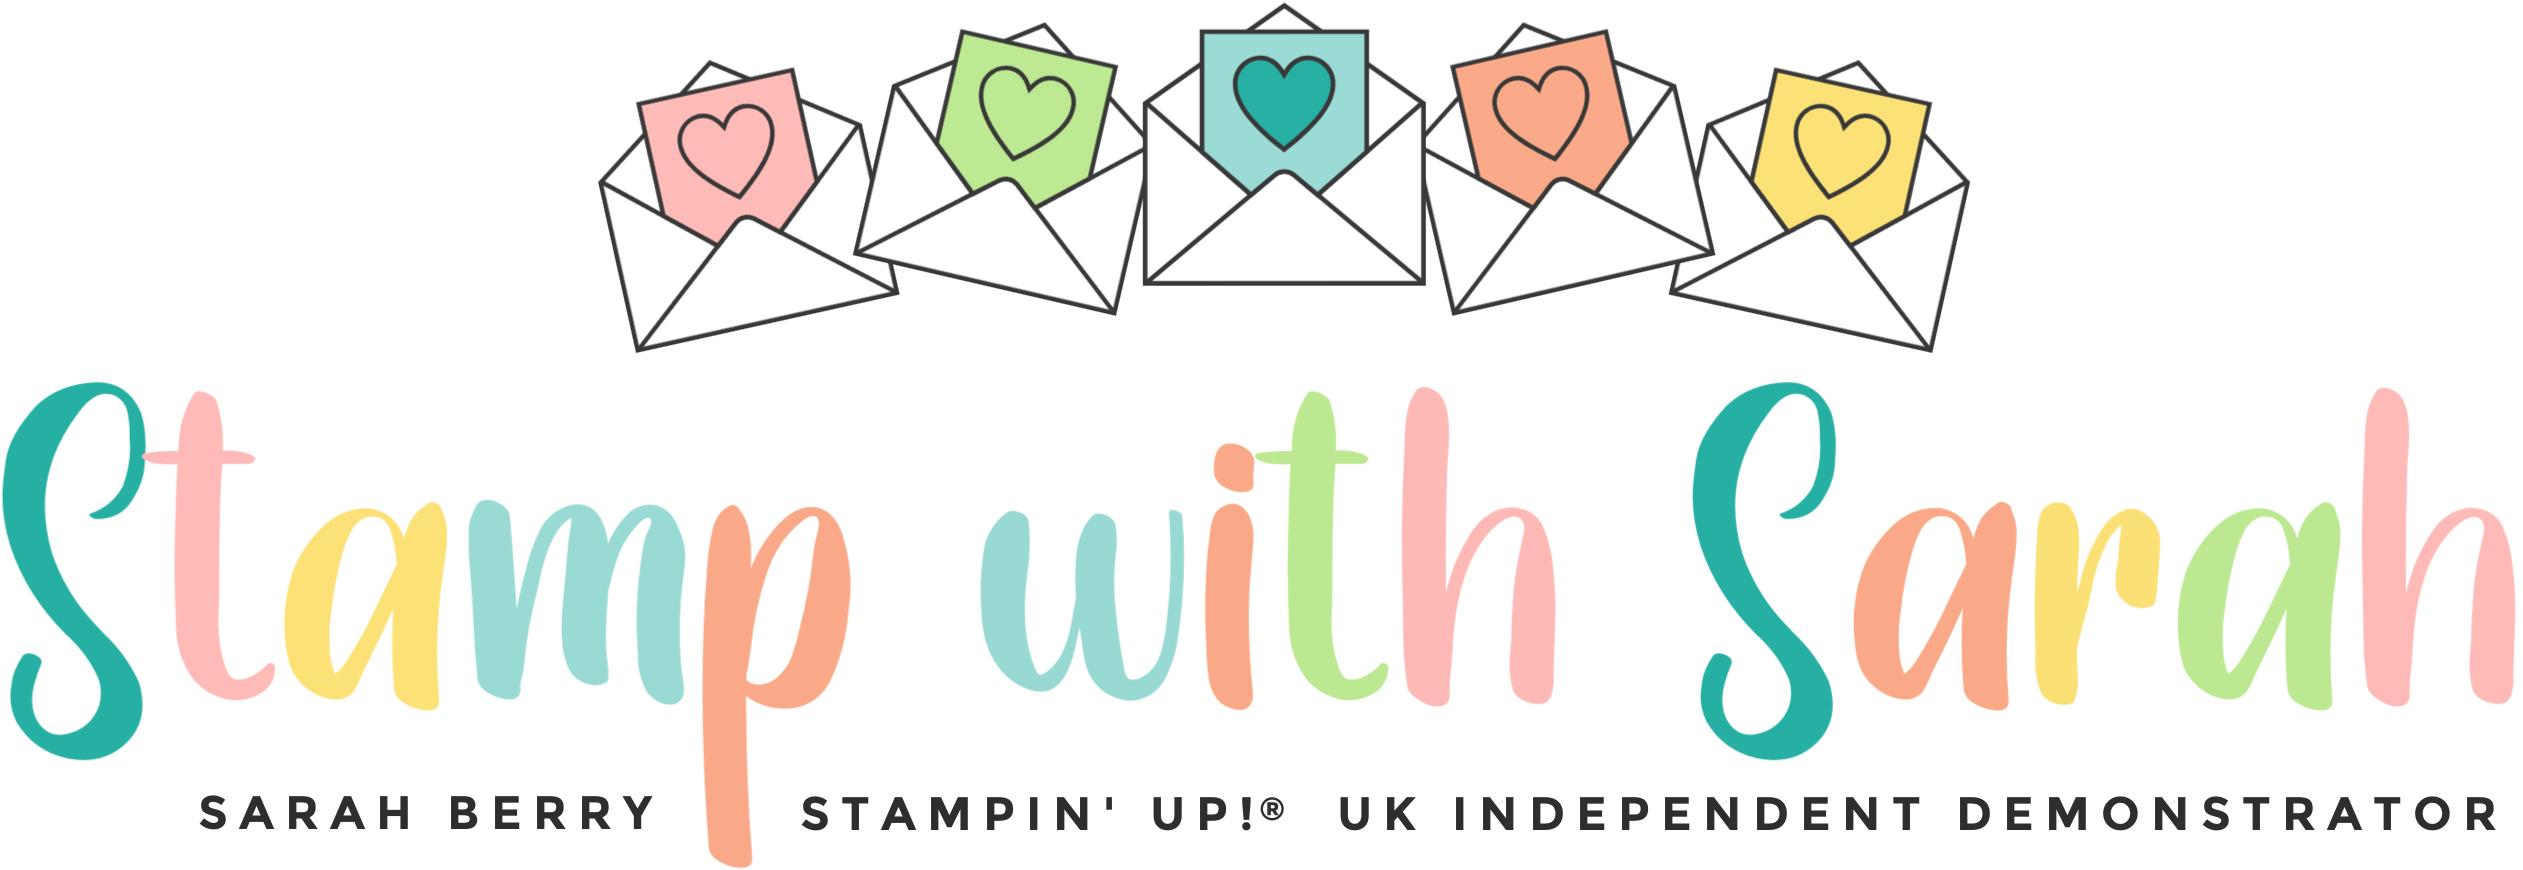 Shop for Stampin' Up! UK | Sarah Berry